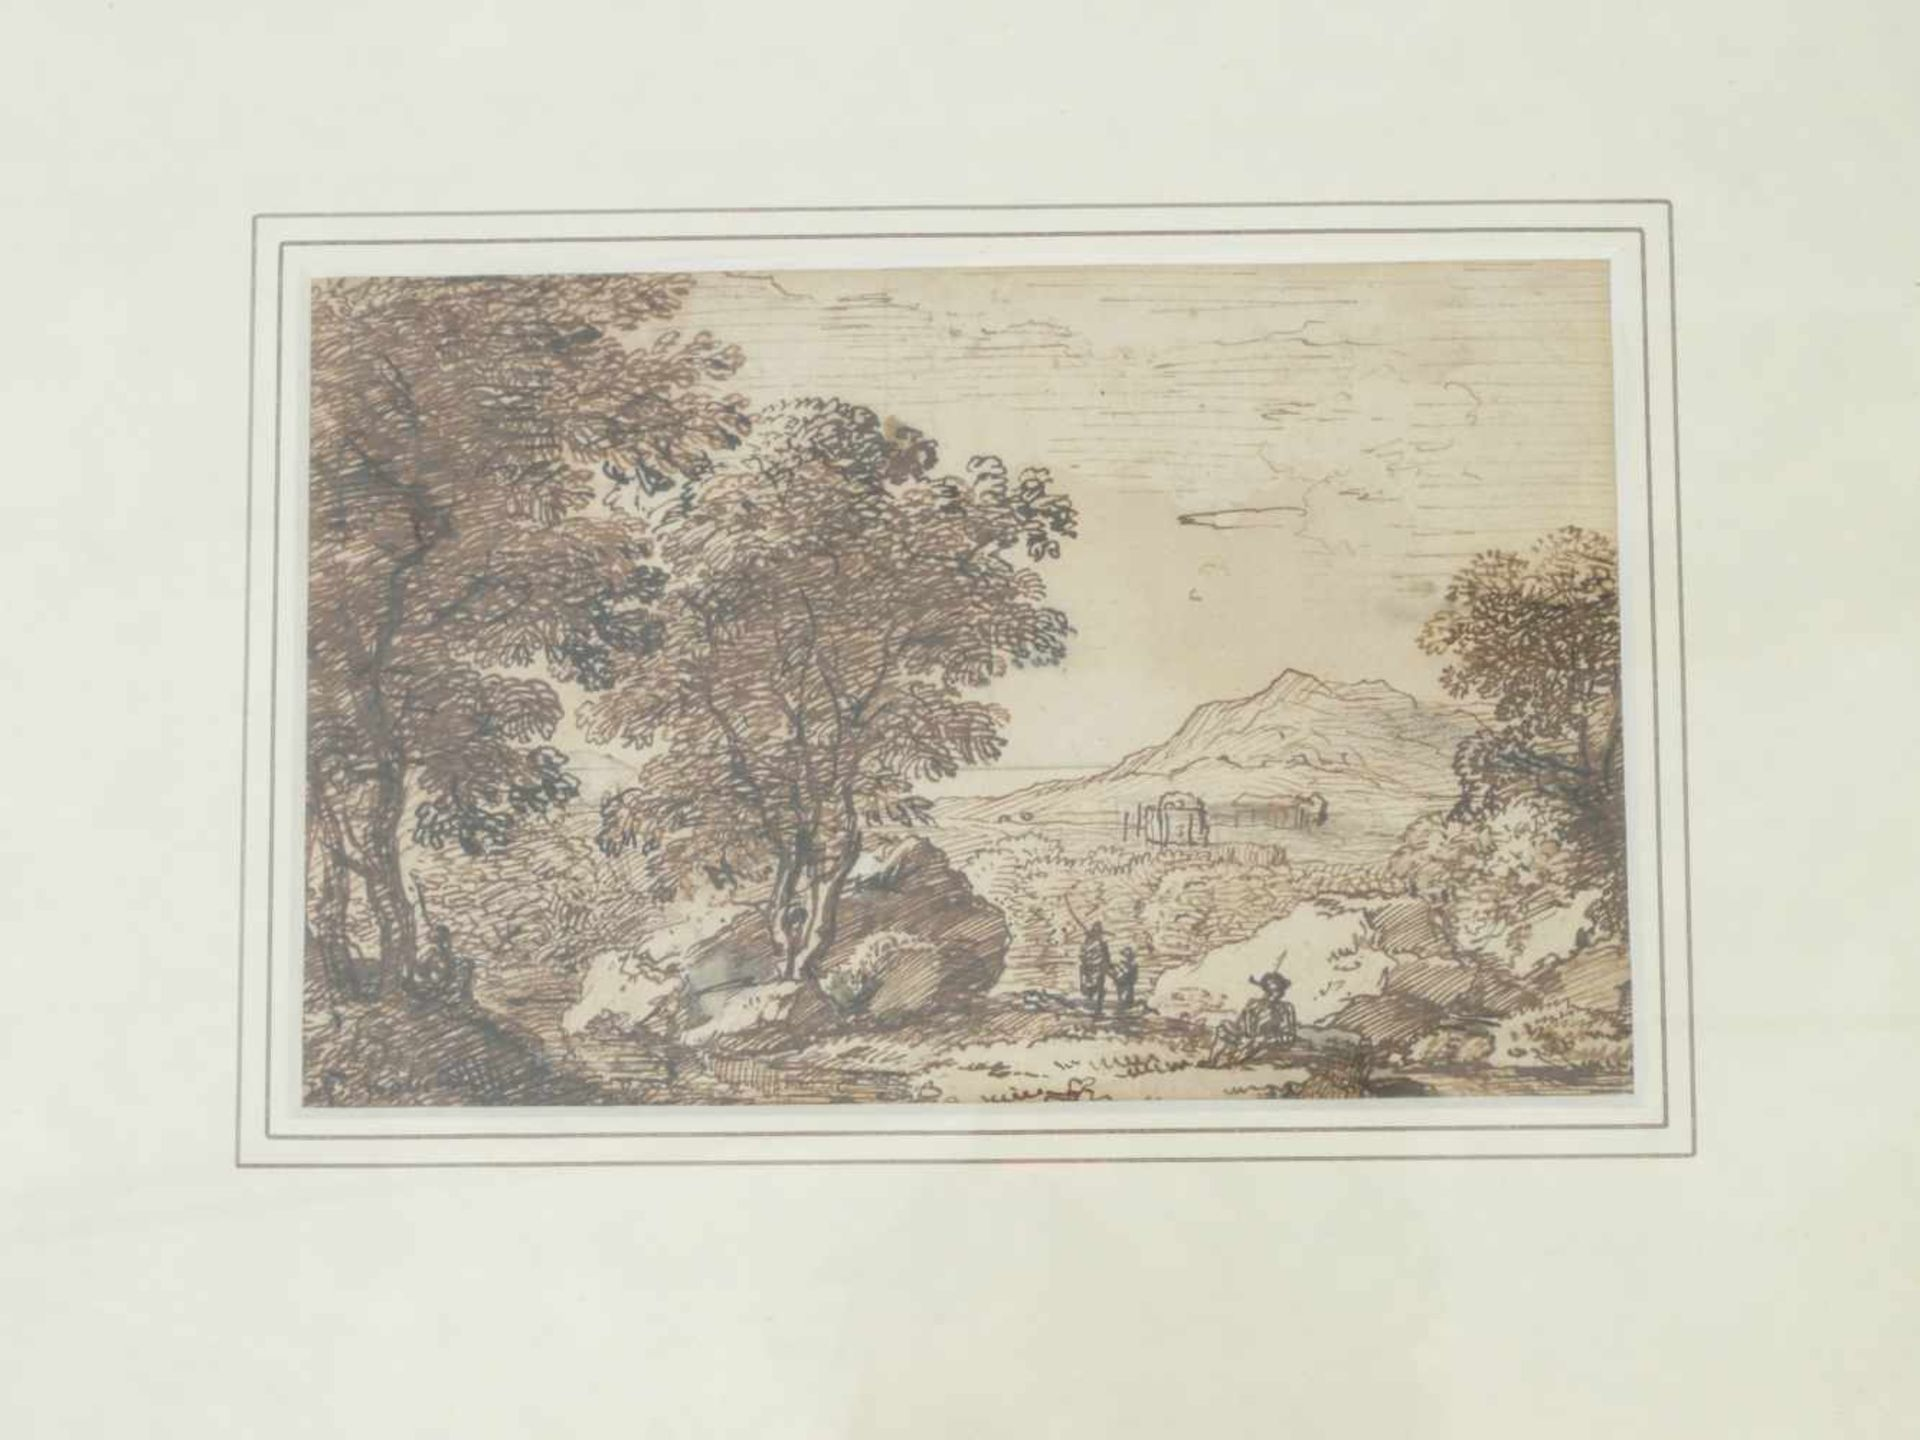 Kobell, Ferdinand (1740-1799) - Federzeichnung LandschaftWeiter Blick auf eine Hügellandschaft, in - Bild 2 aus 4